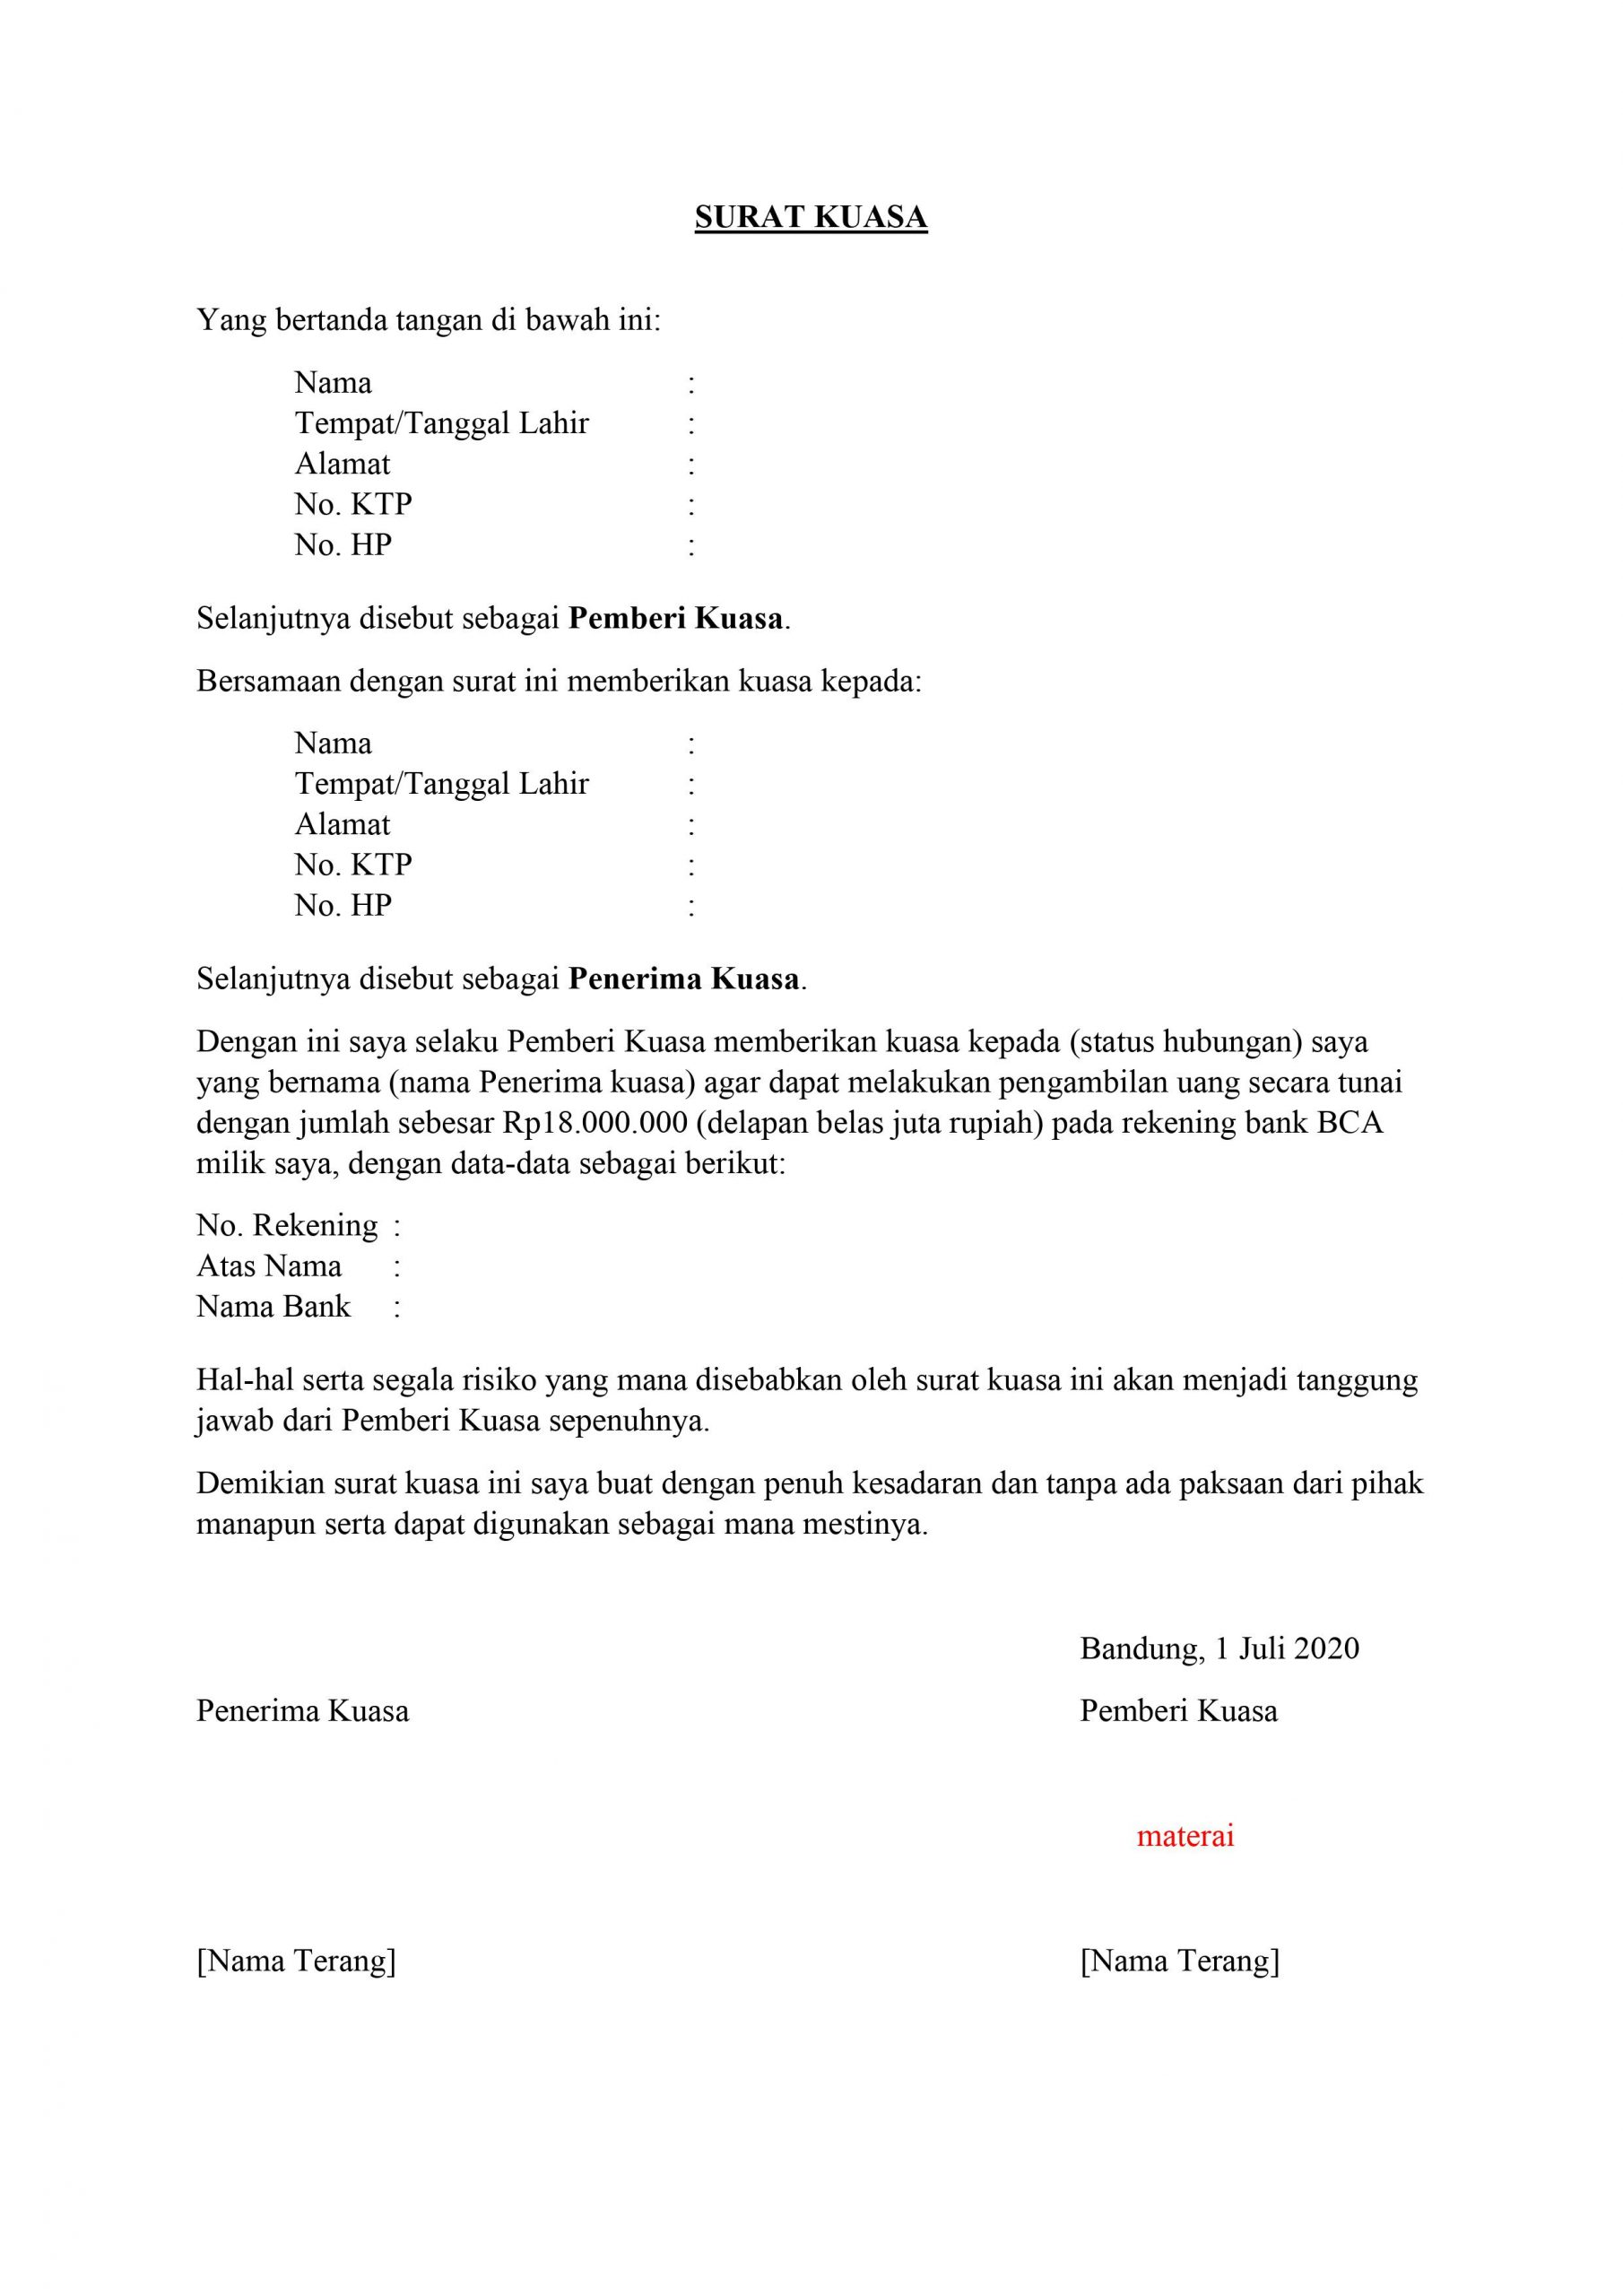 Contoh Surat Kuasa Pengambilan Barang : contoh, surat, kuasa, pengambilan, barang, Contoh, Surat, Kuasa, Untuk, Pengambilan, Benar